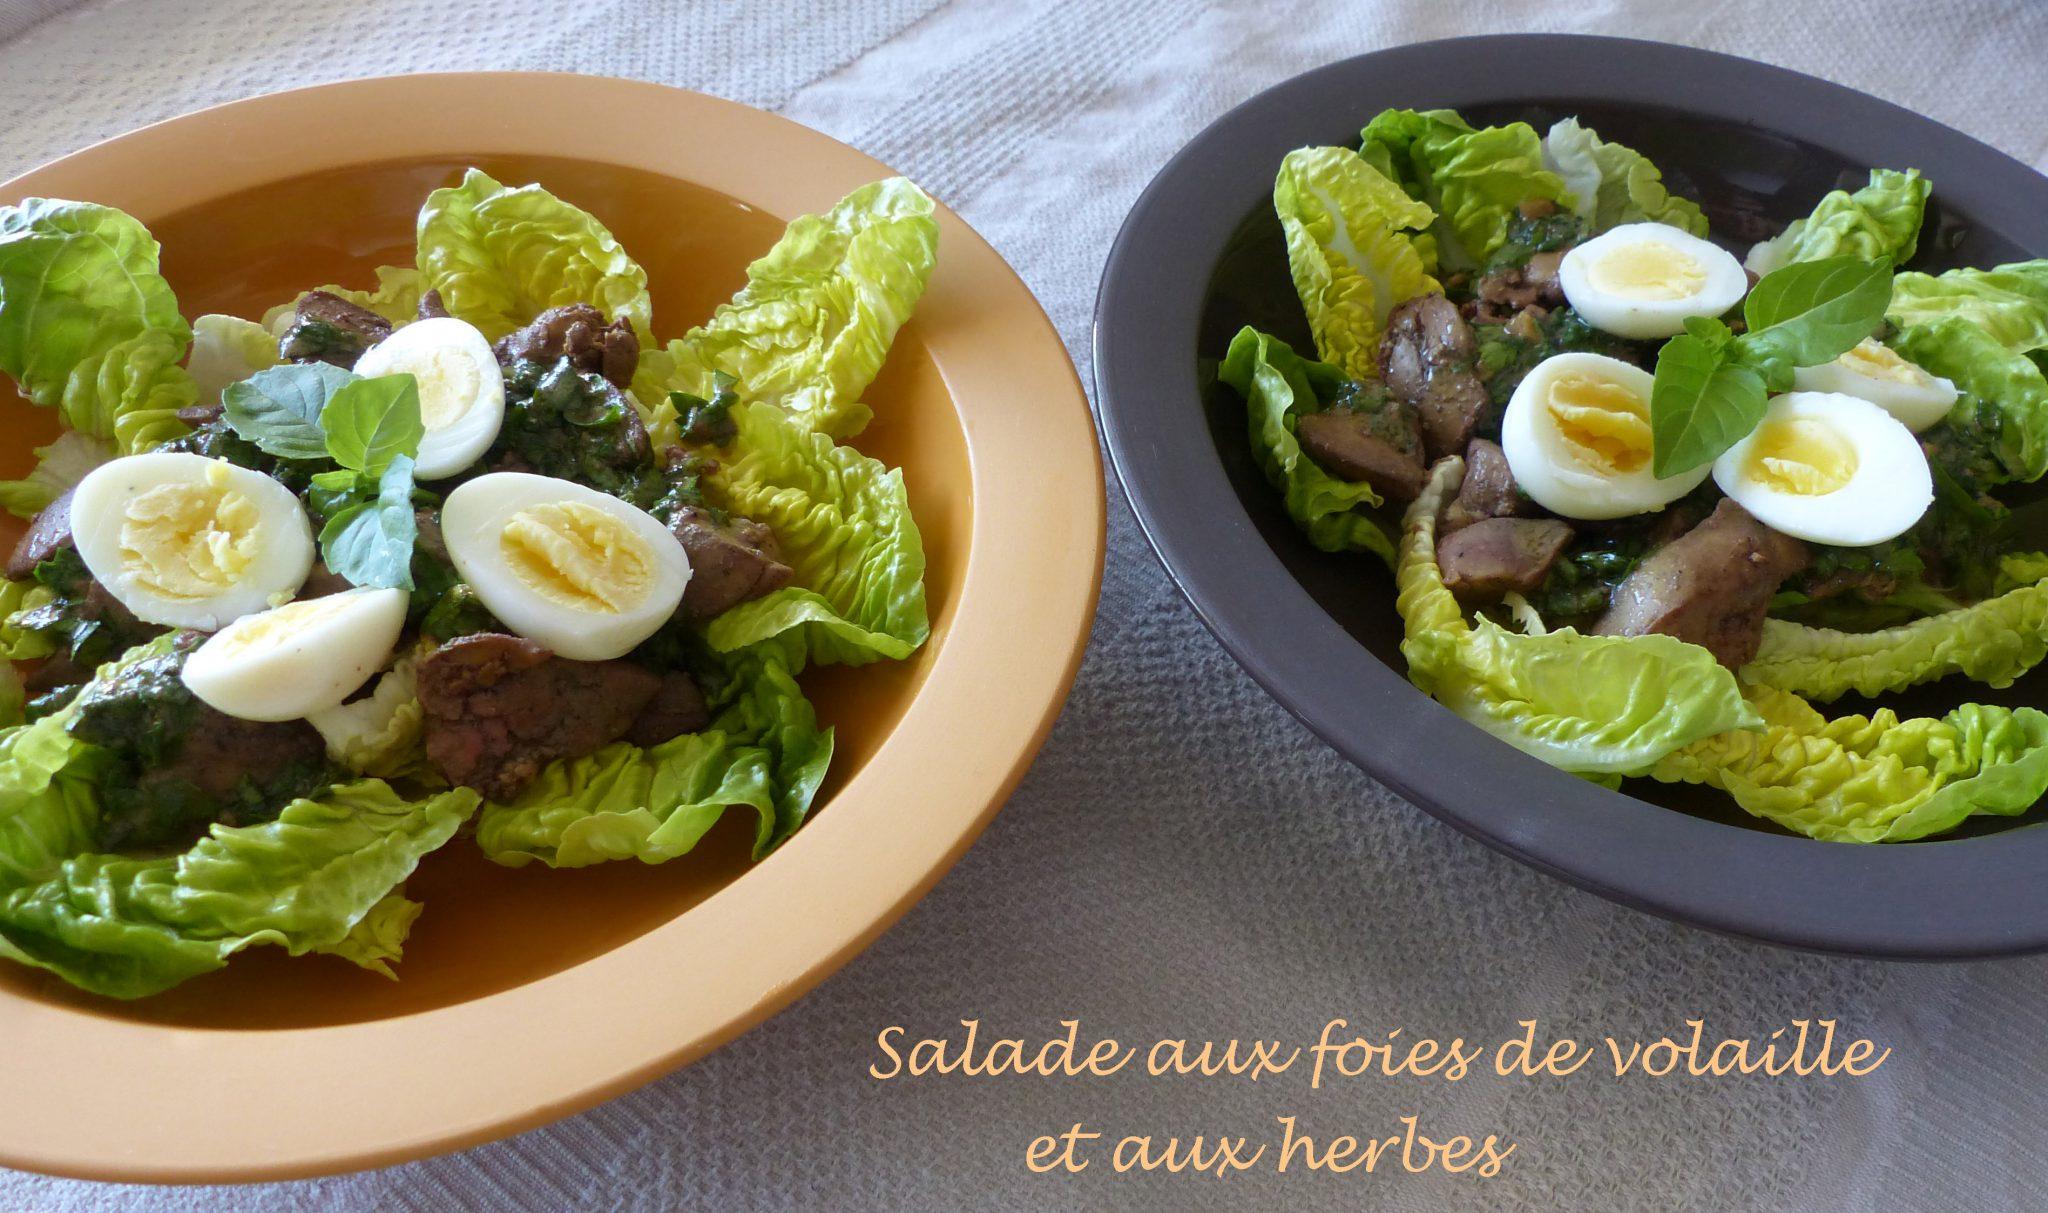 Salade aux foies de volaille et aux herbes P1110255 R